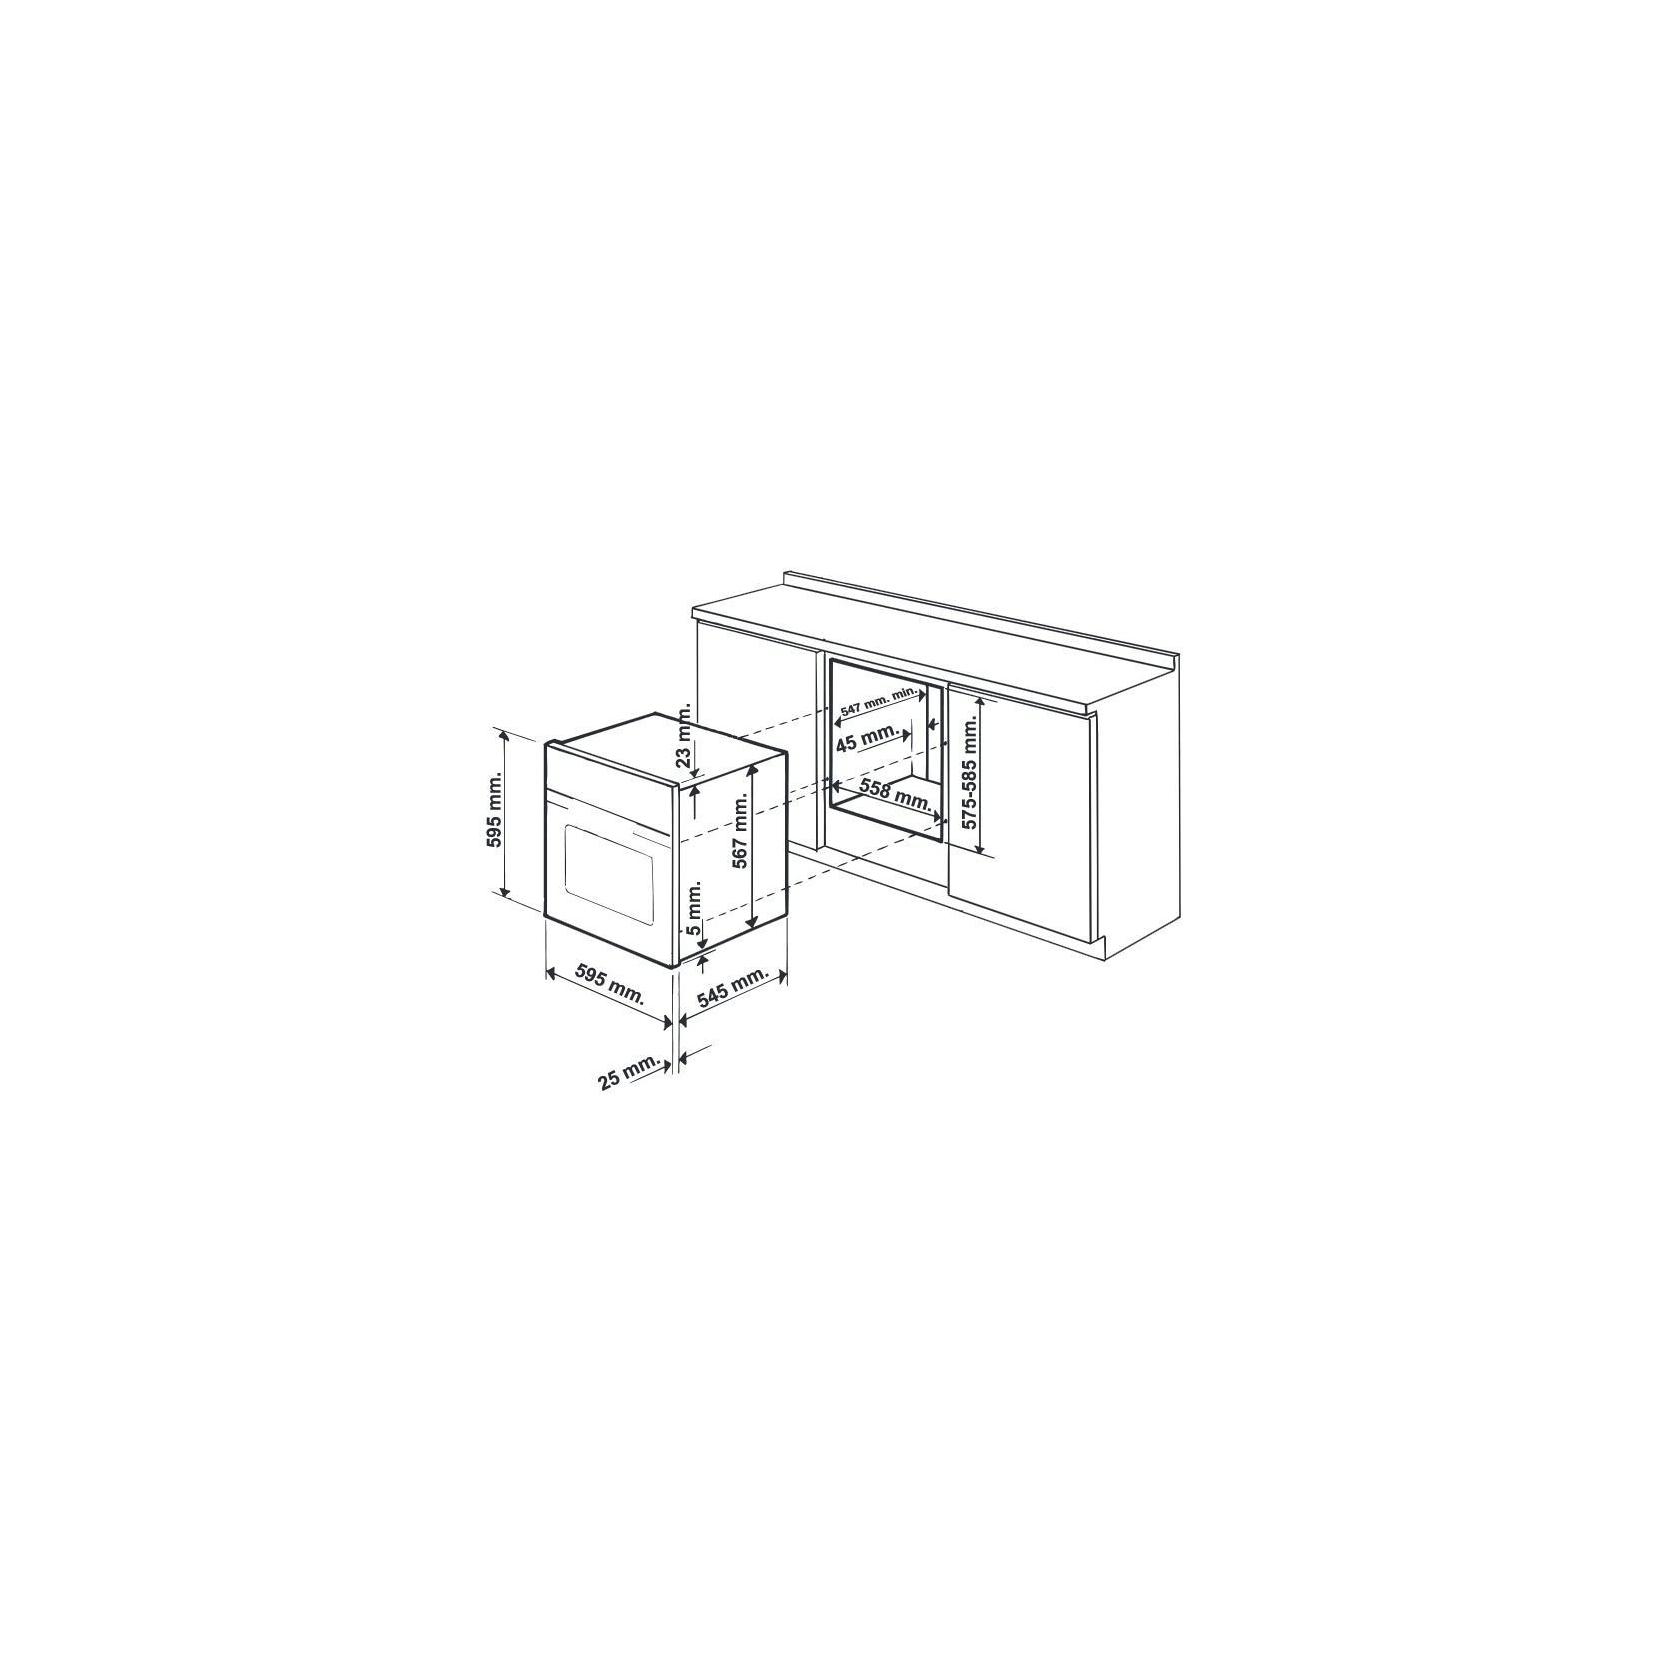 ARISTON HOTPOINT FT820.1(AN)/HA S FORNO DA INCASSO 7 FUNZIONI